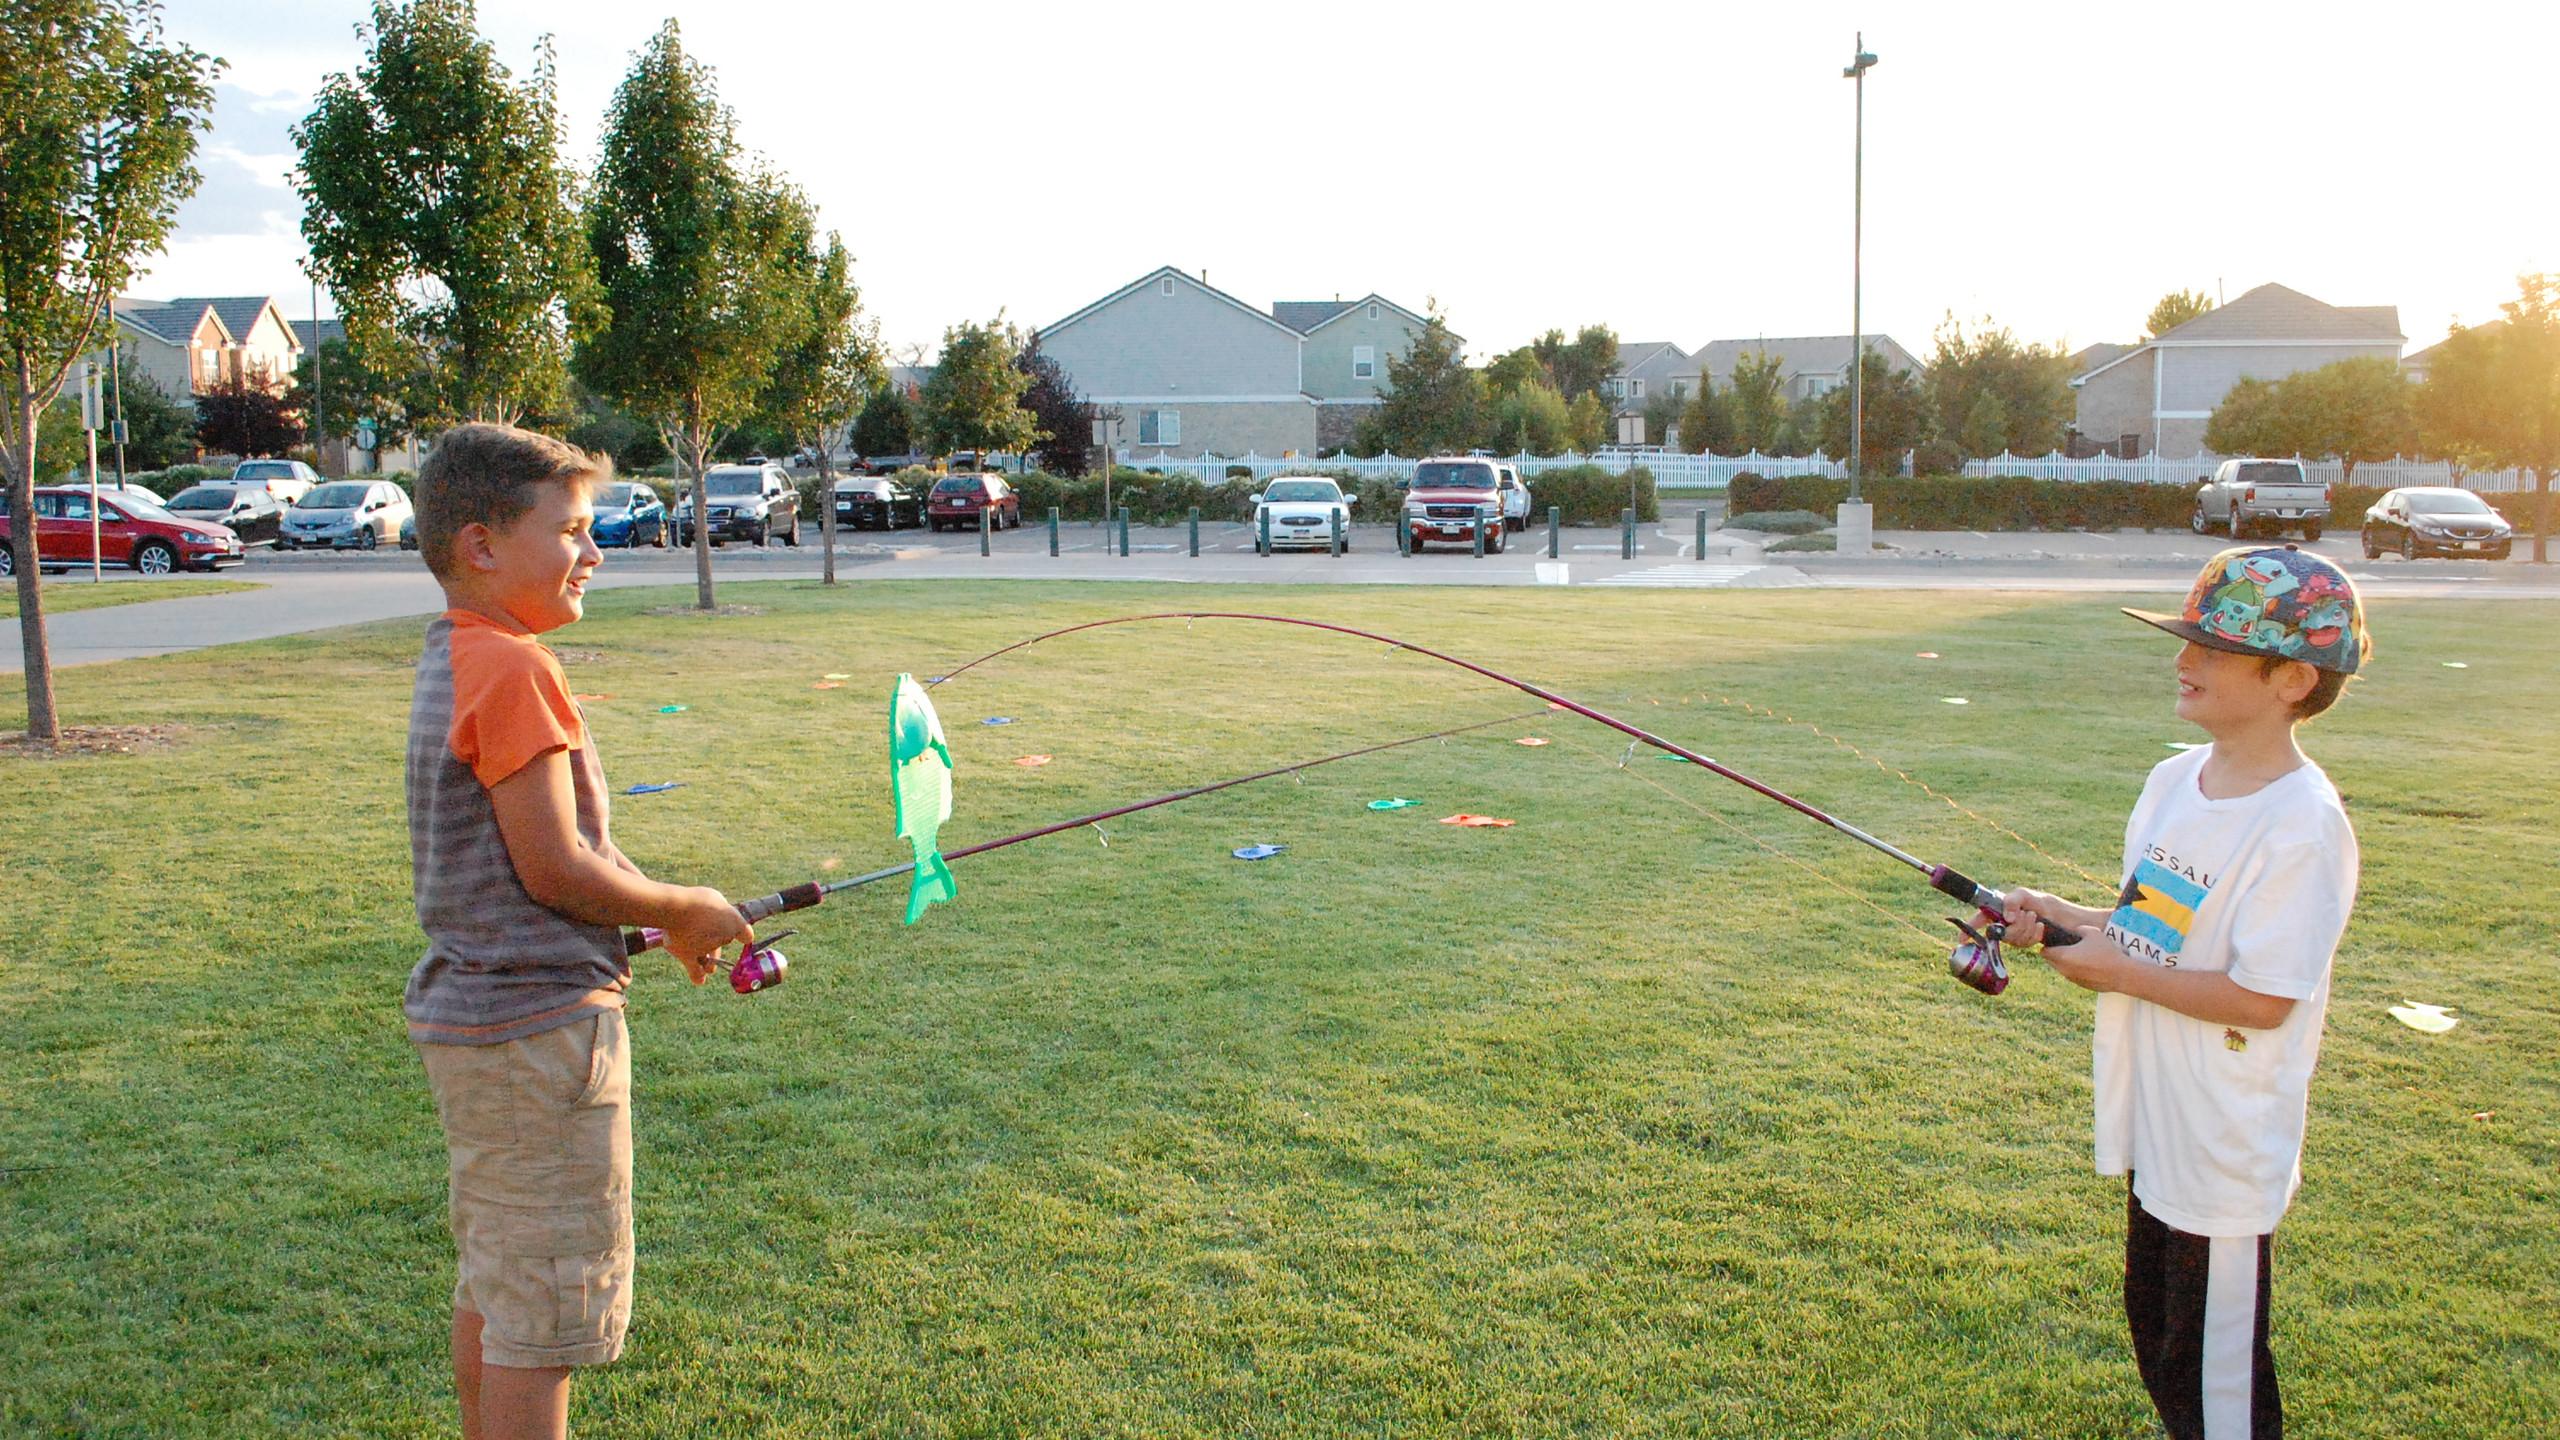 Fishing duelists